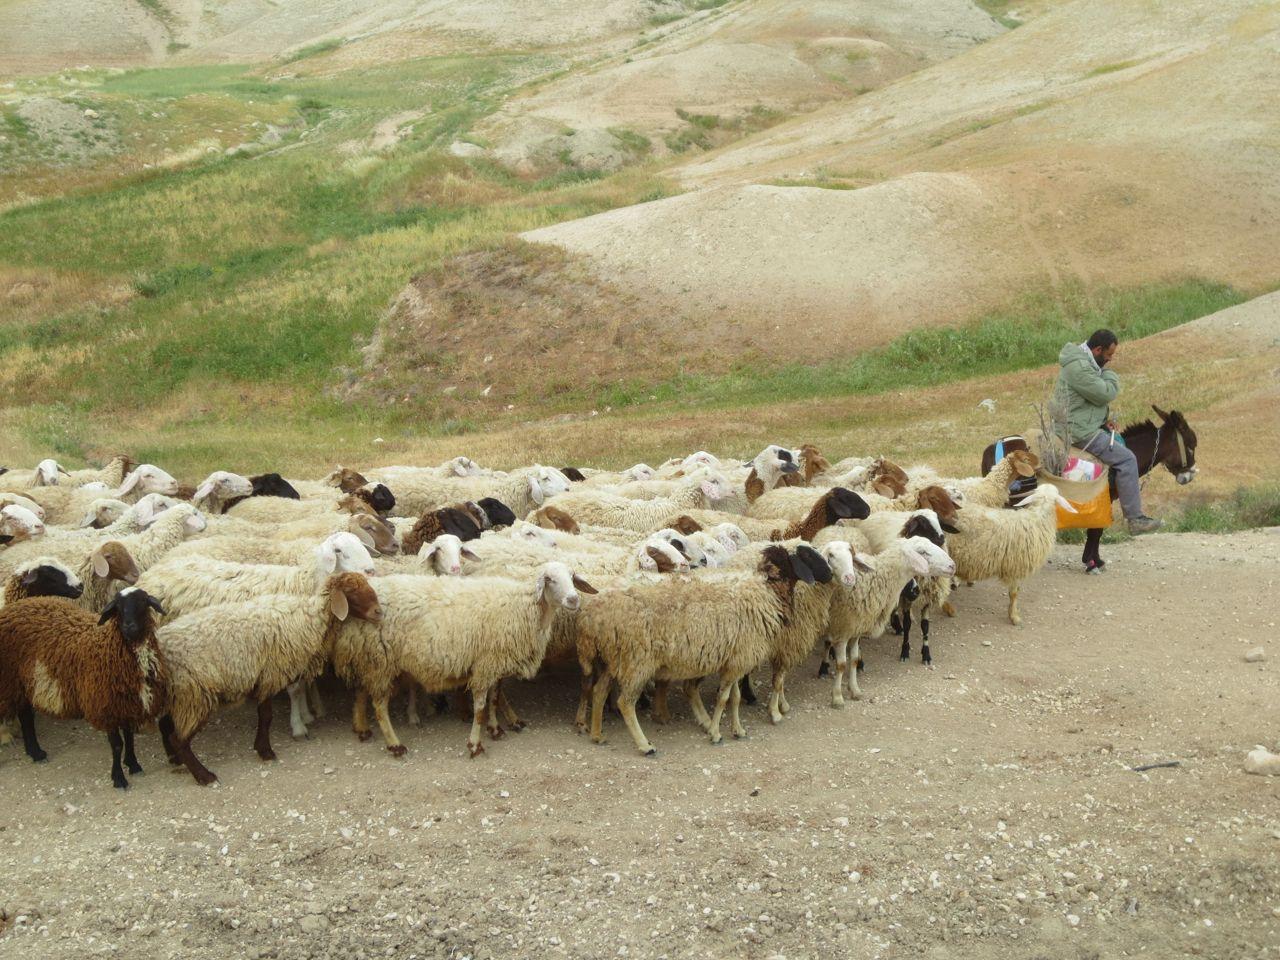 Sheep of biblical Isreal | Sheep Israel